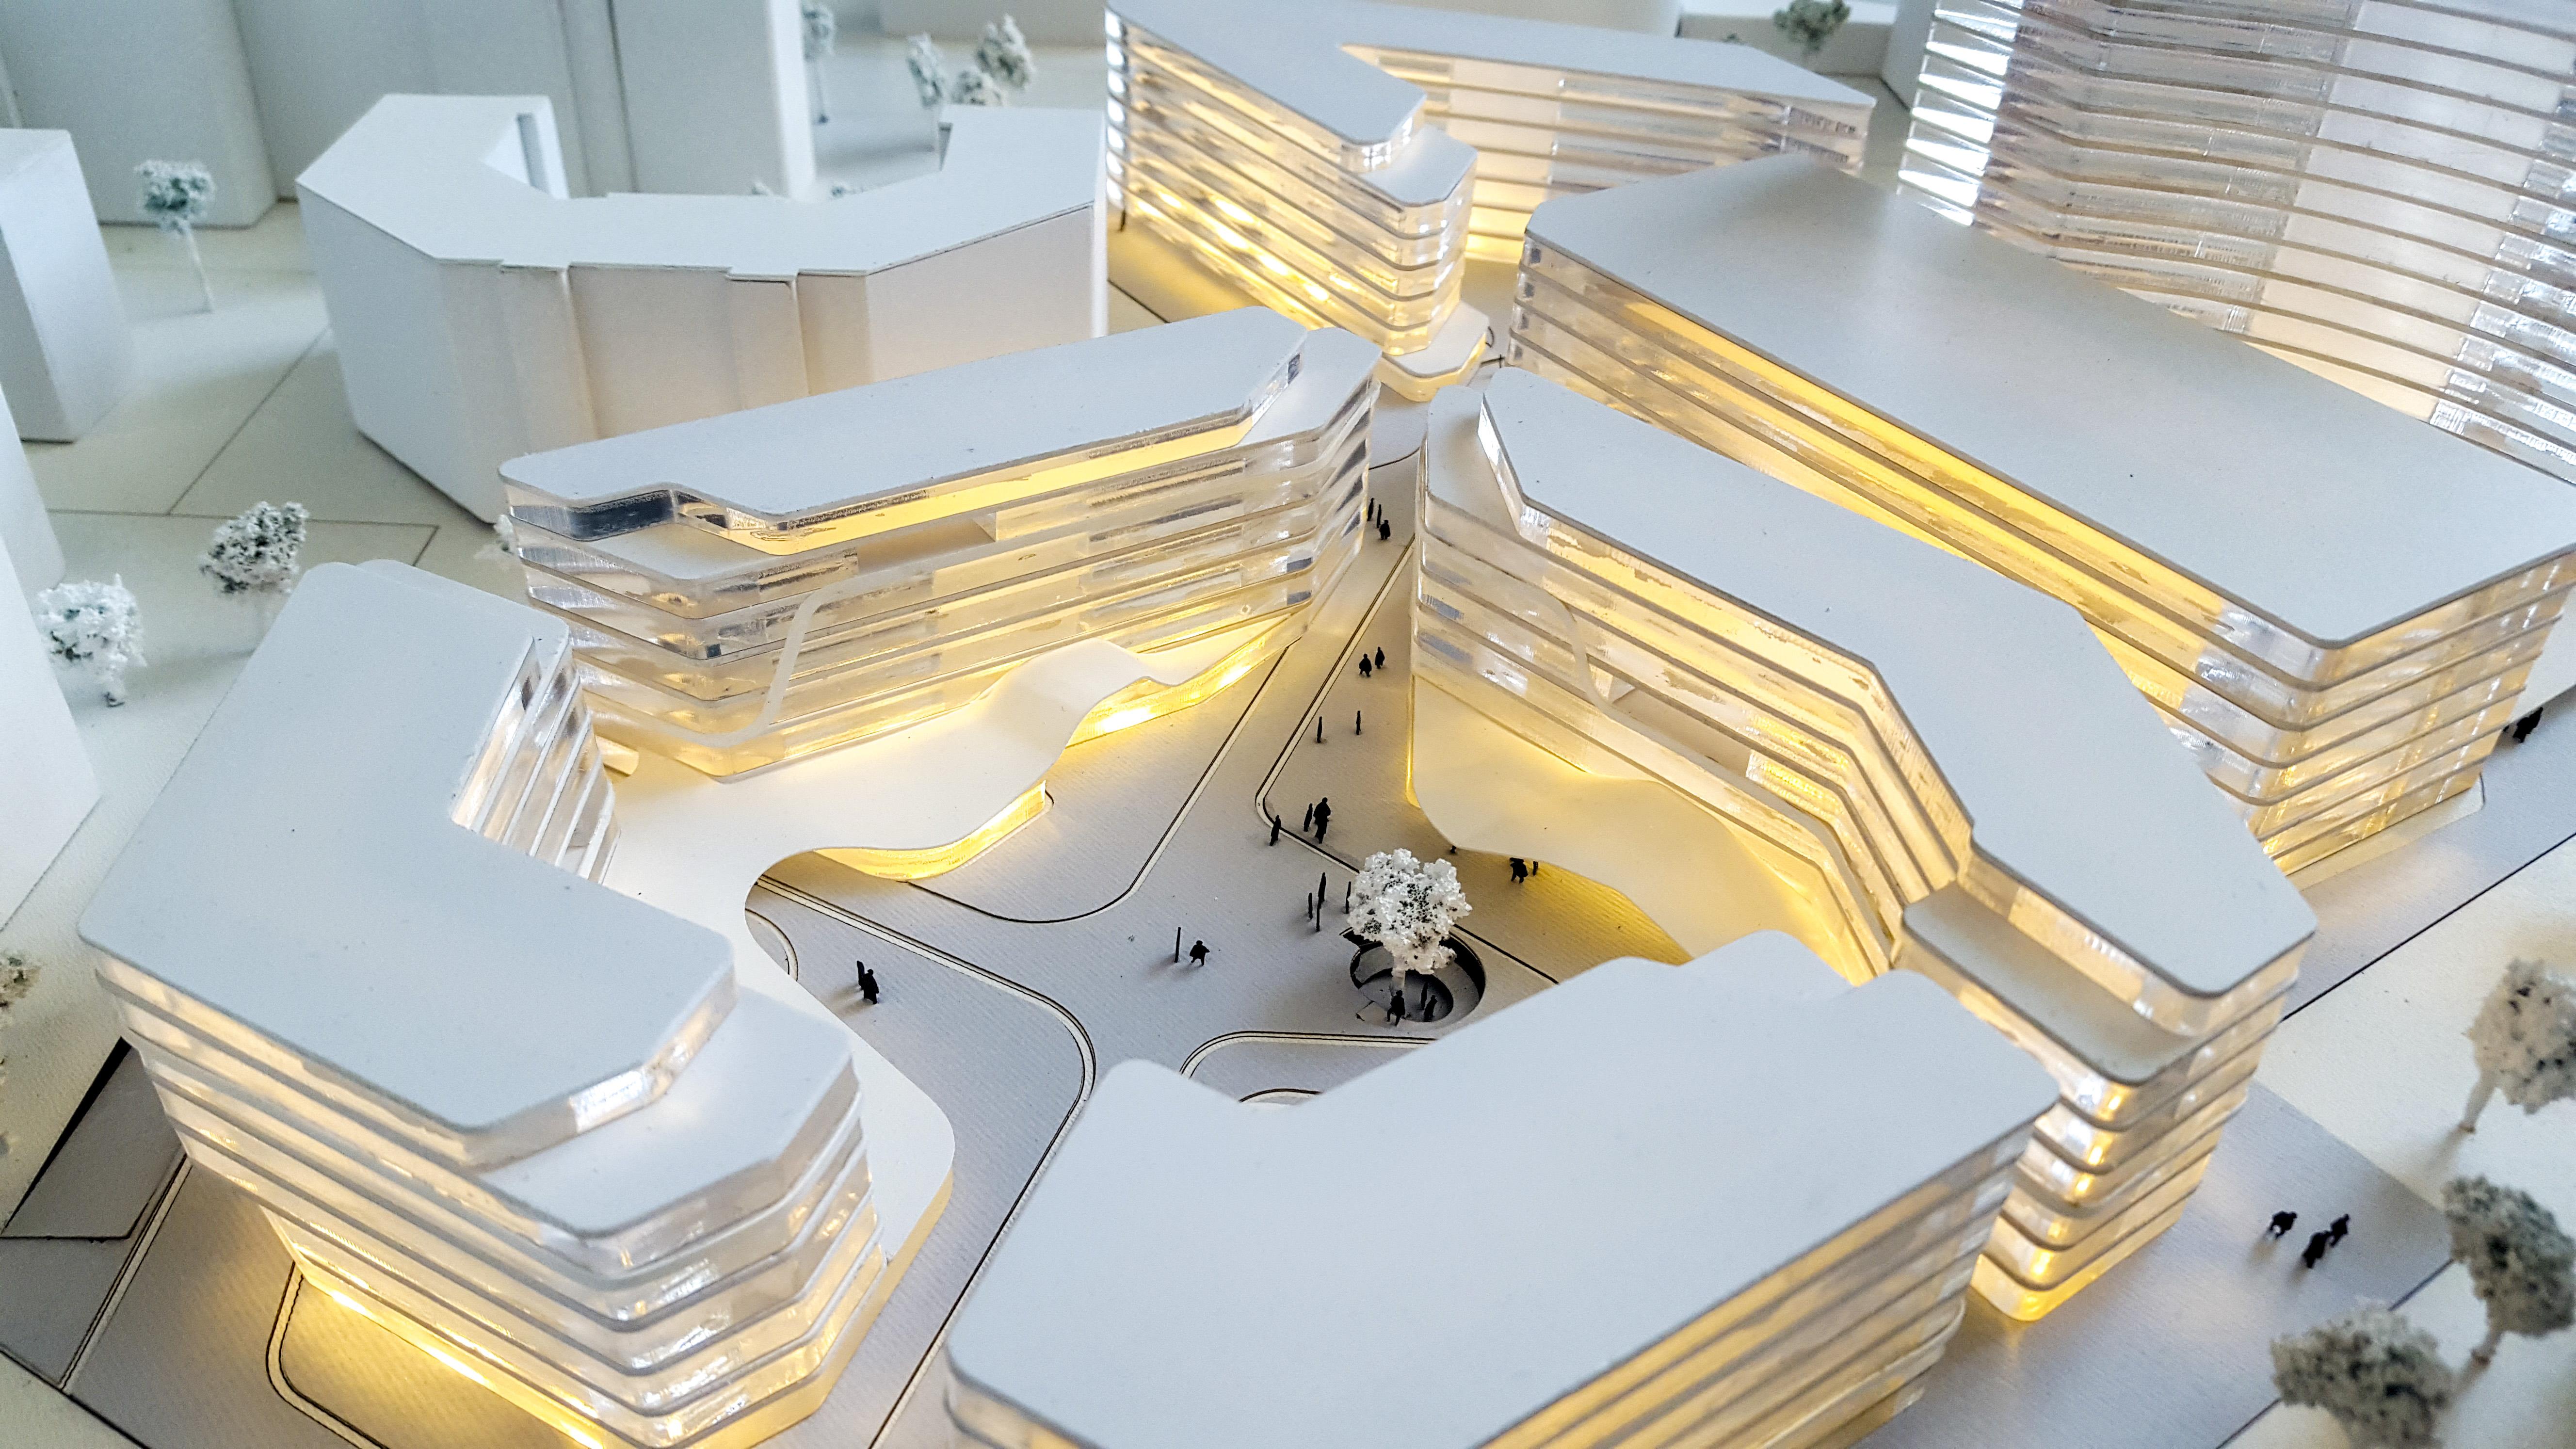 Arkitekturmodell